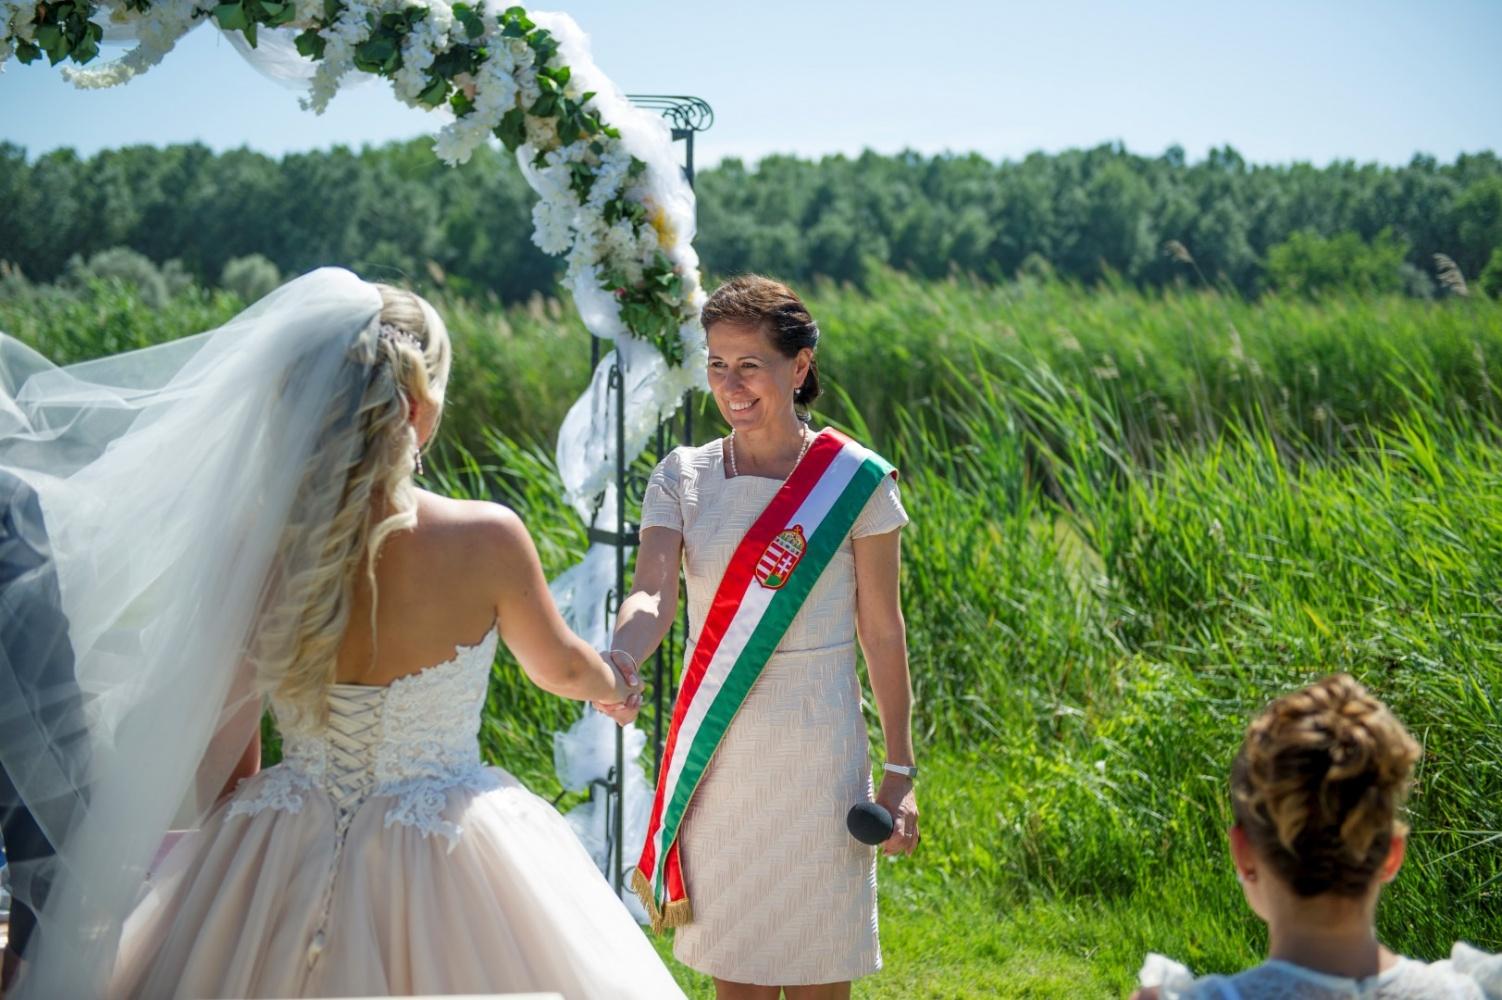 http://www.fotoz.sk/images/gallery-22/normal/eskuvoi-fotos_svadobny-fotograf_409.jpg